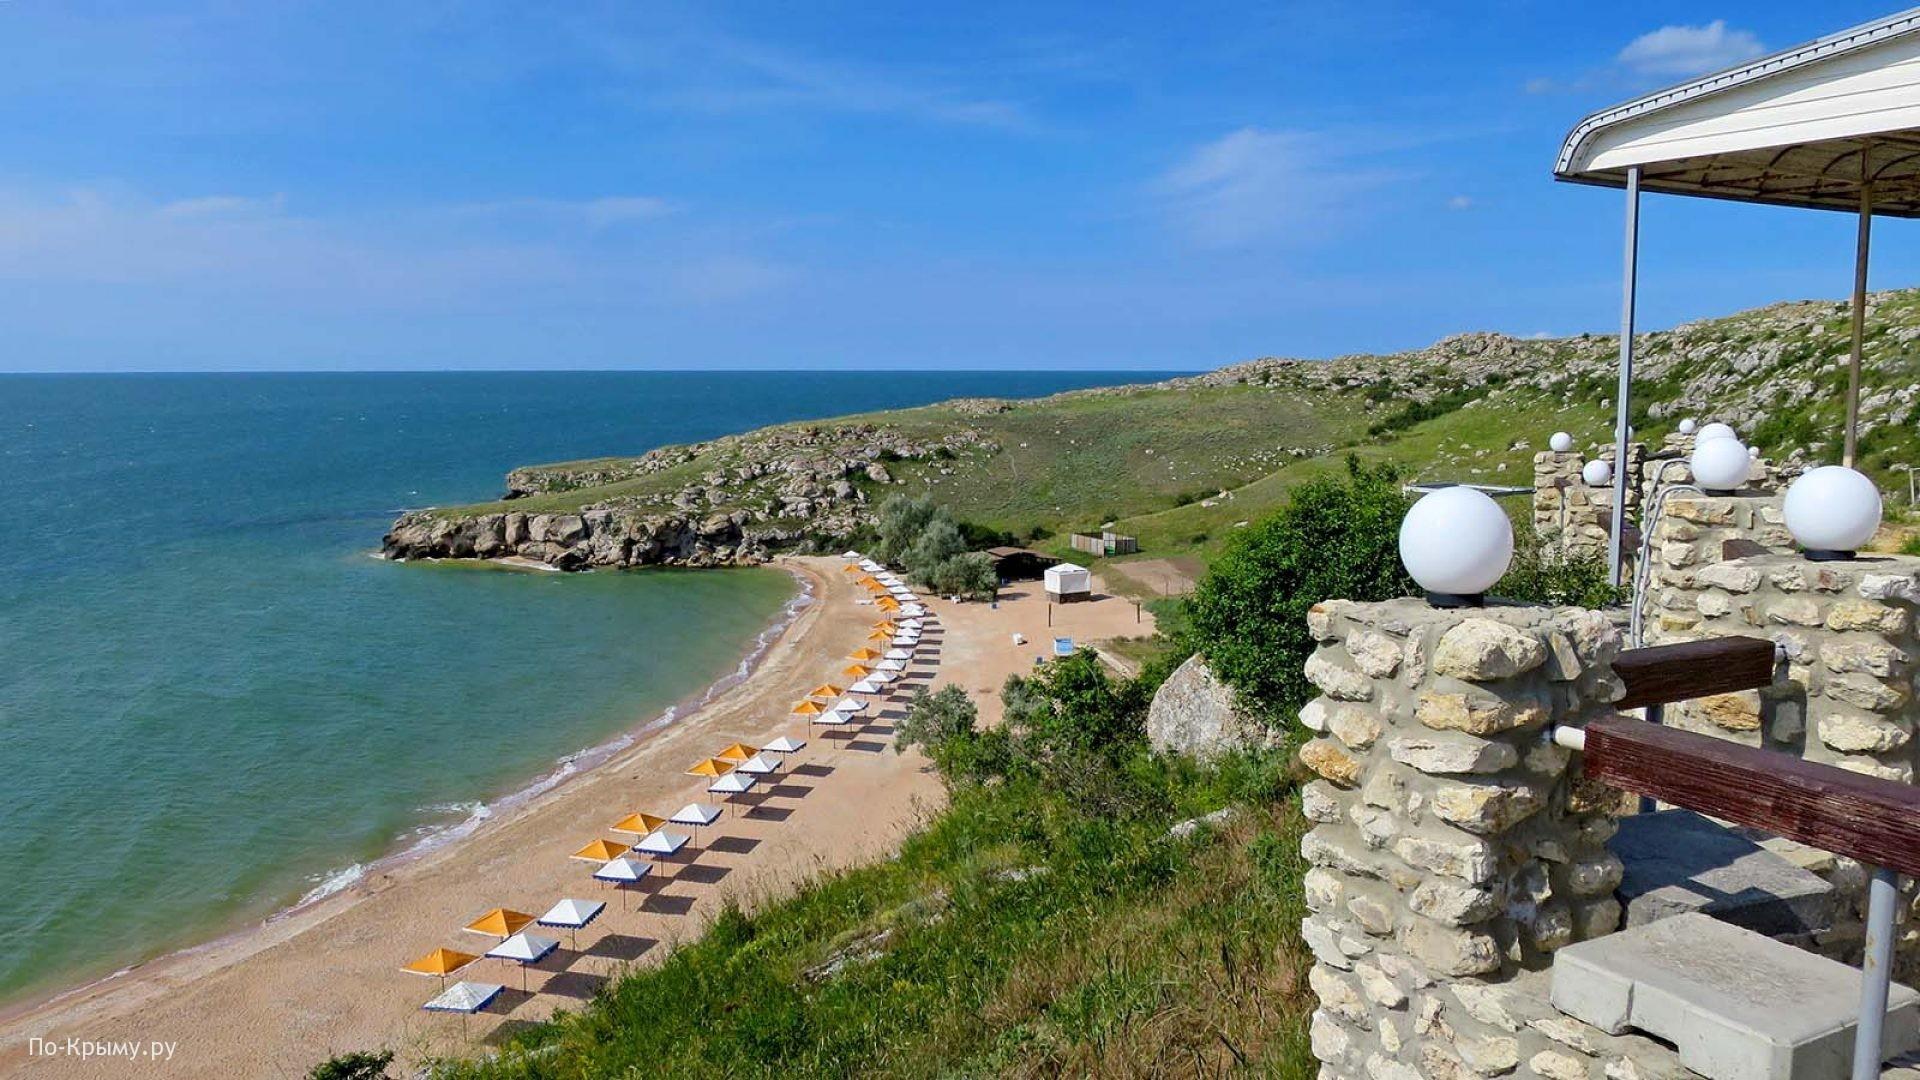 Лучший пляж Азовского моря